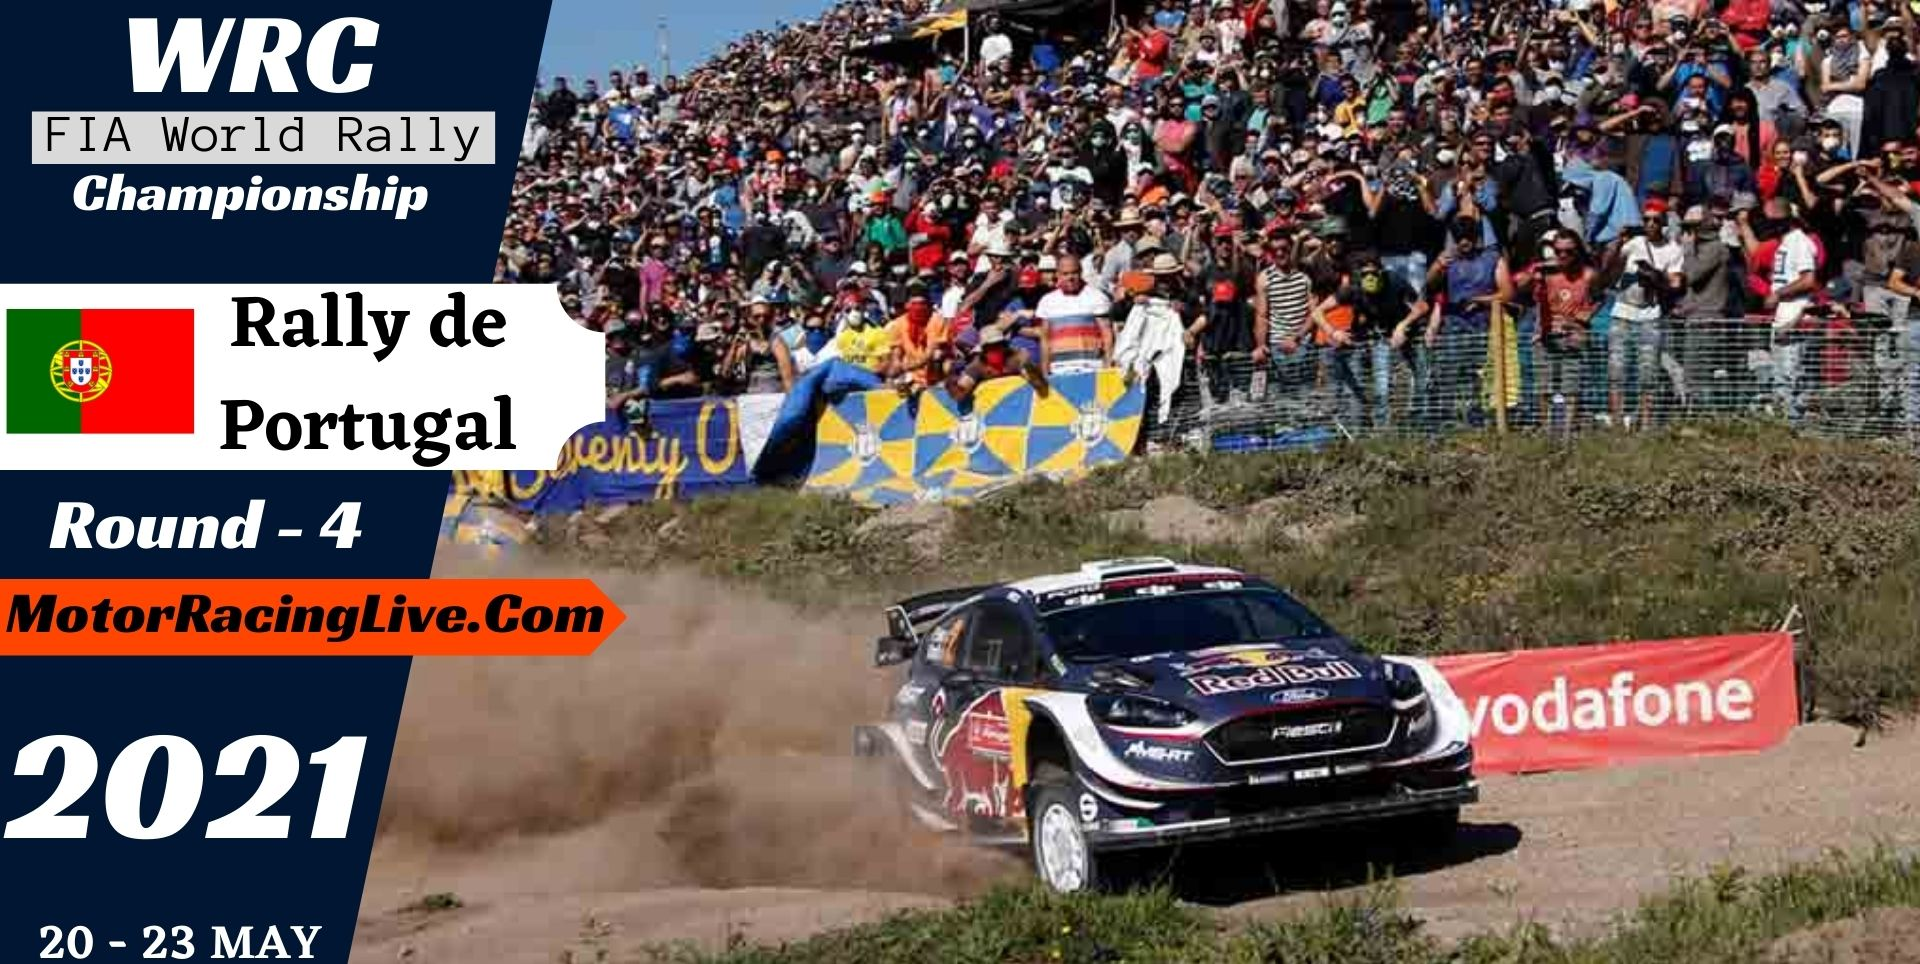 WRC Rally De Portugal Round 4 Live Stream 2021